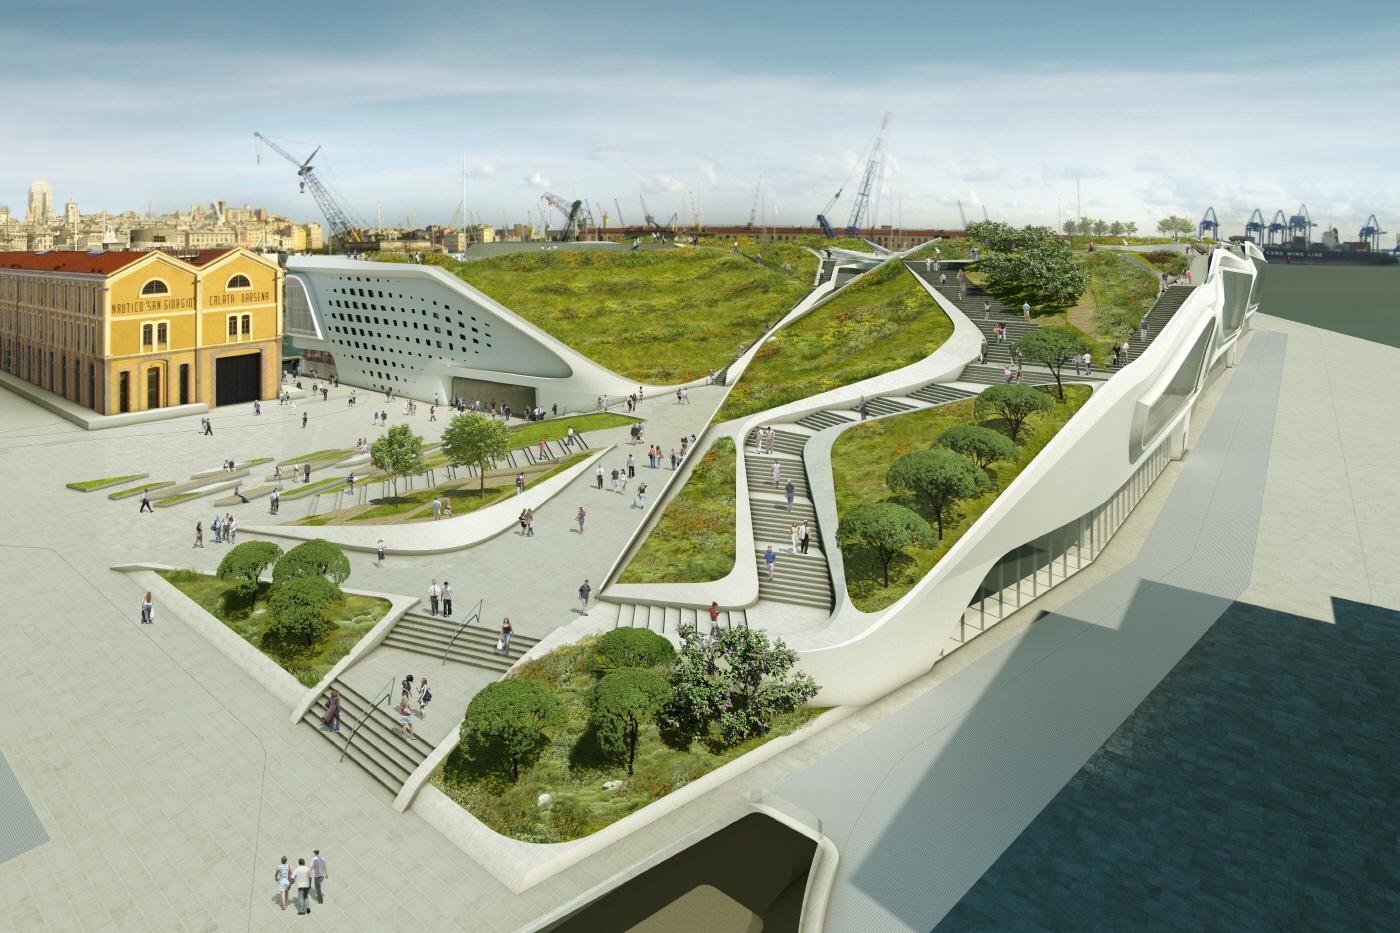 〔안정원의 건축 칼럼〕 지속가능하면서도 입체적인 도시개발 프로그램, 제노아 폰테 파로디 1